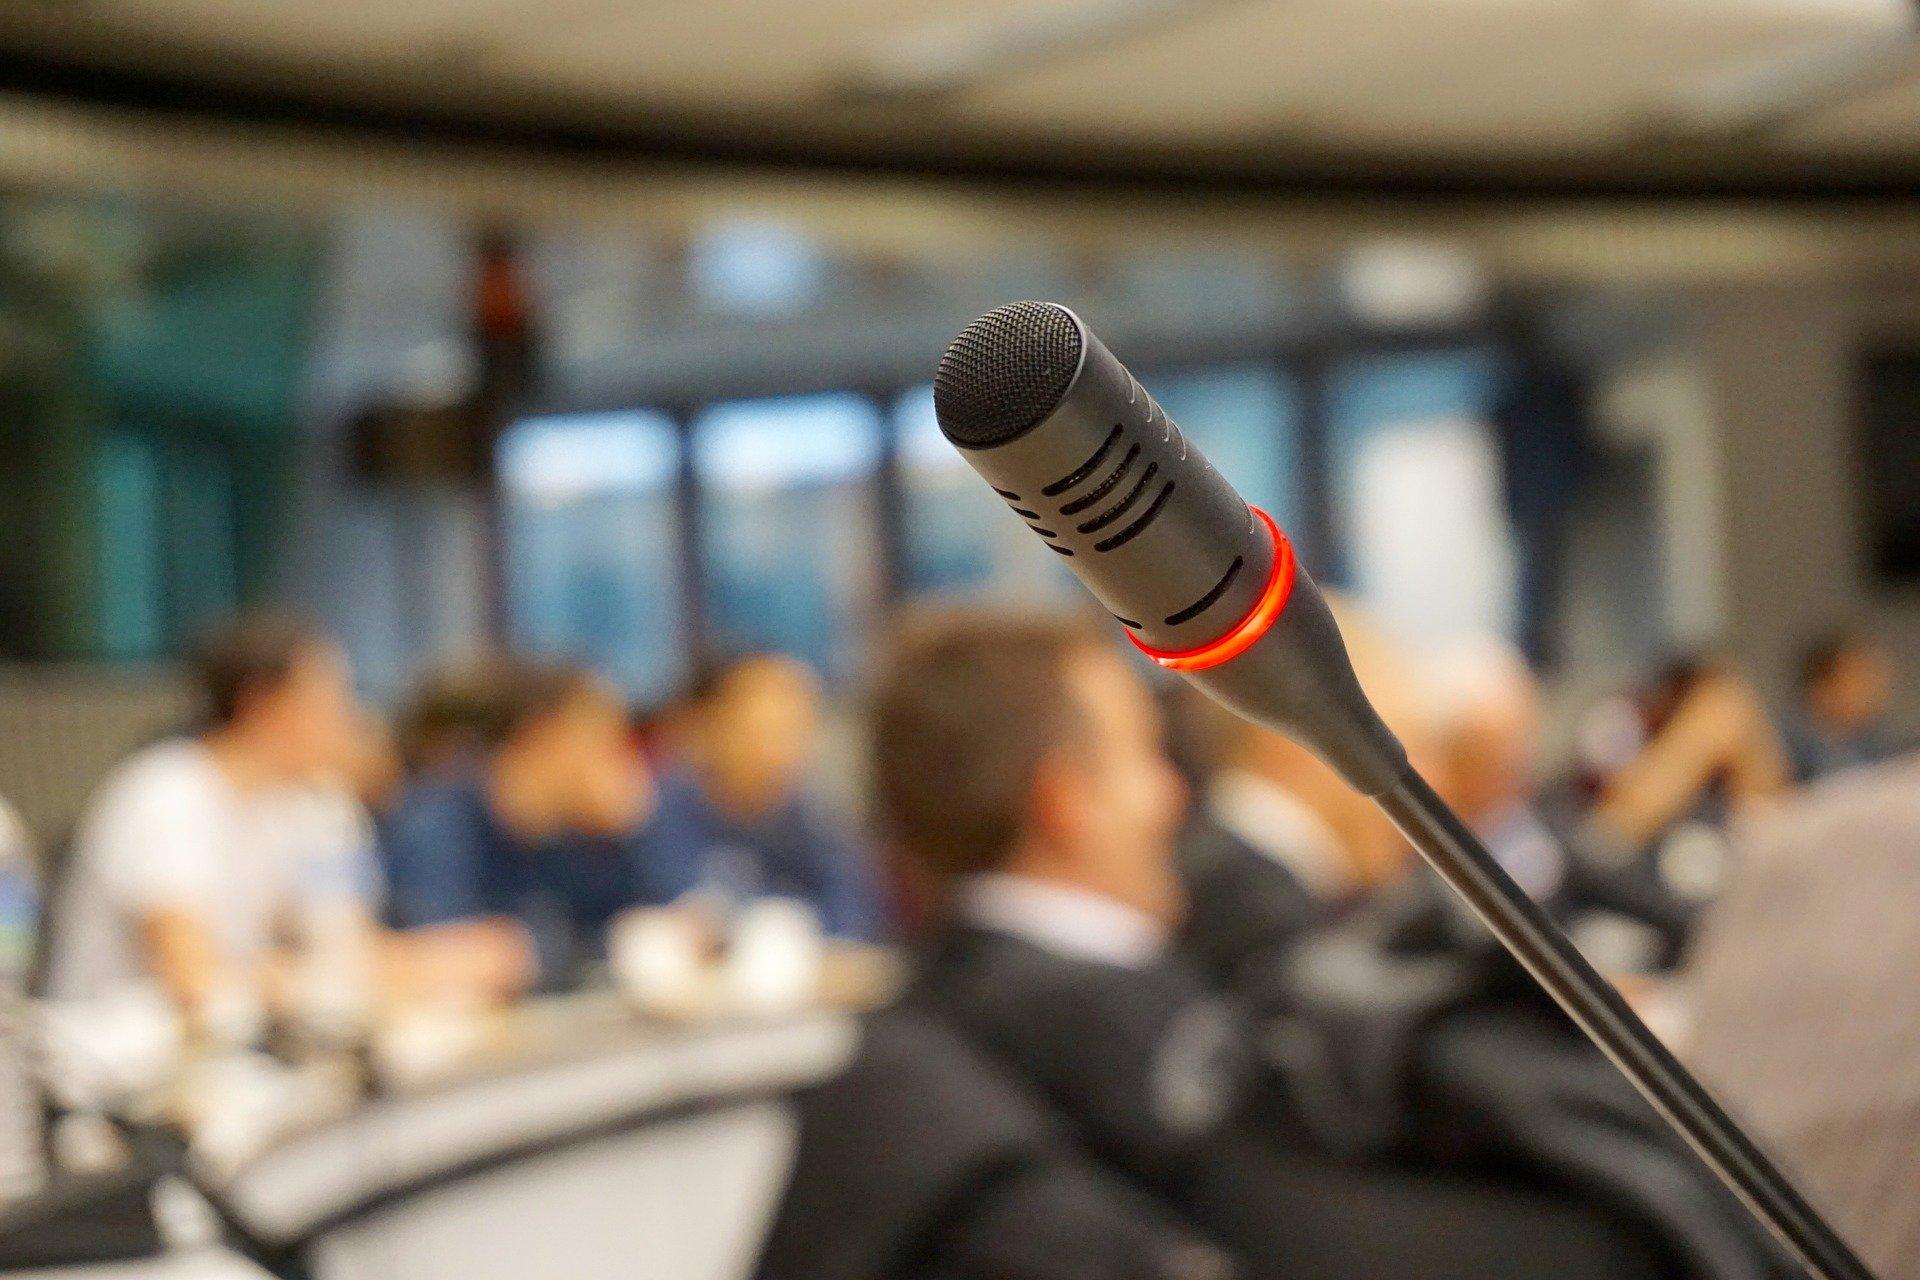 Raadsspreekuur gemeenteraad Kampen op woensdag 19 mei